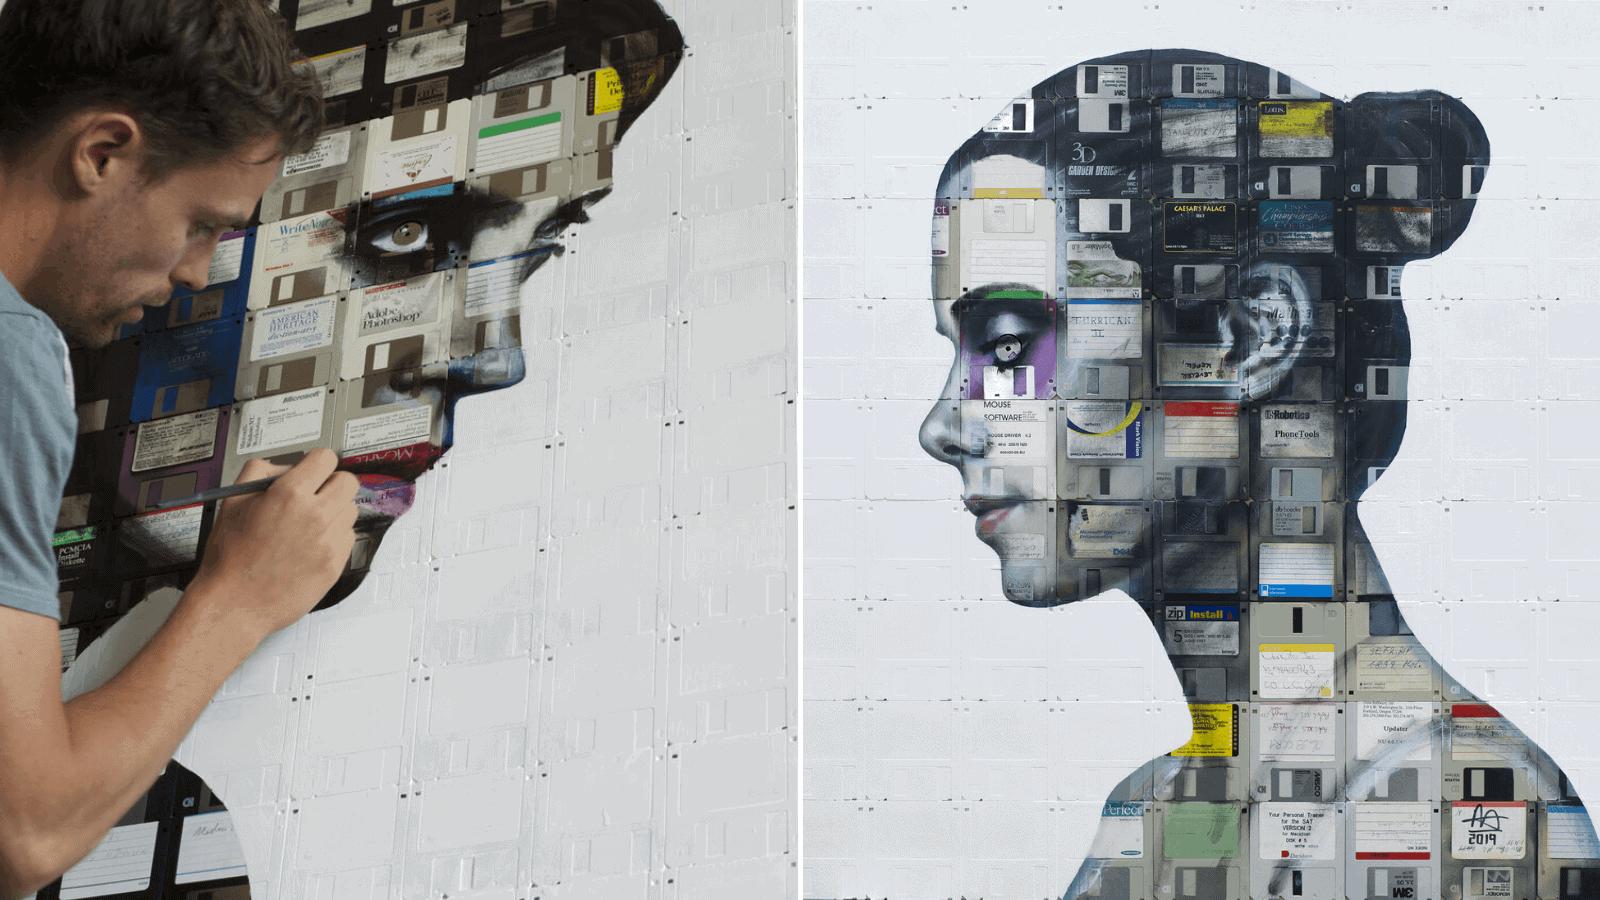 Conoce a Nick Gentry, el artista británico que utiliza y recicla objetos en desuso para crear sus impresionantes obras 1